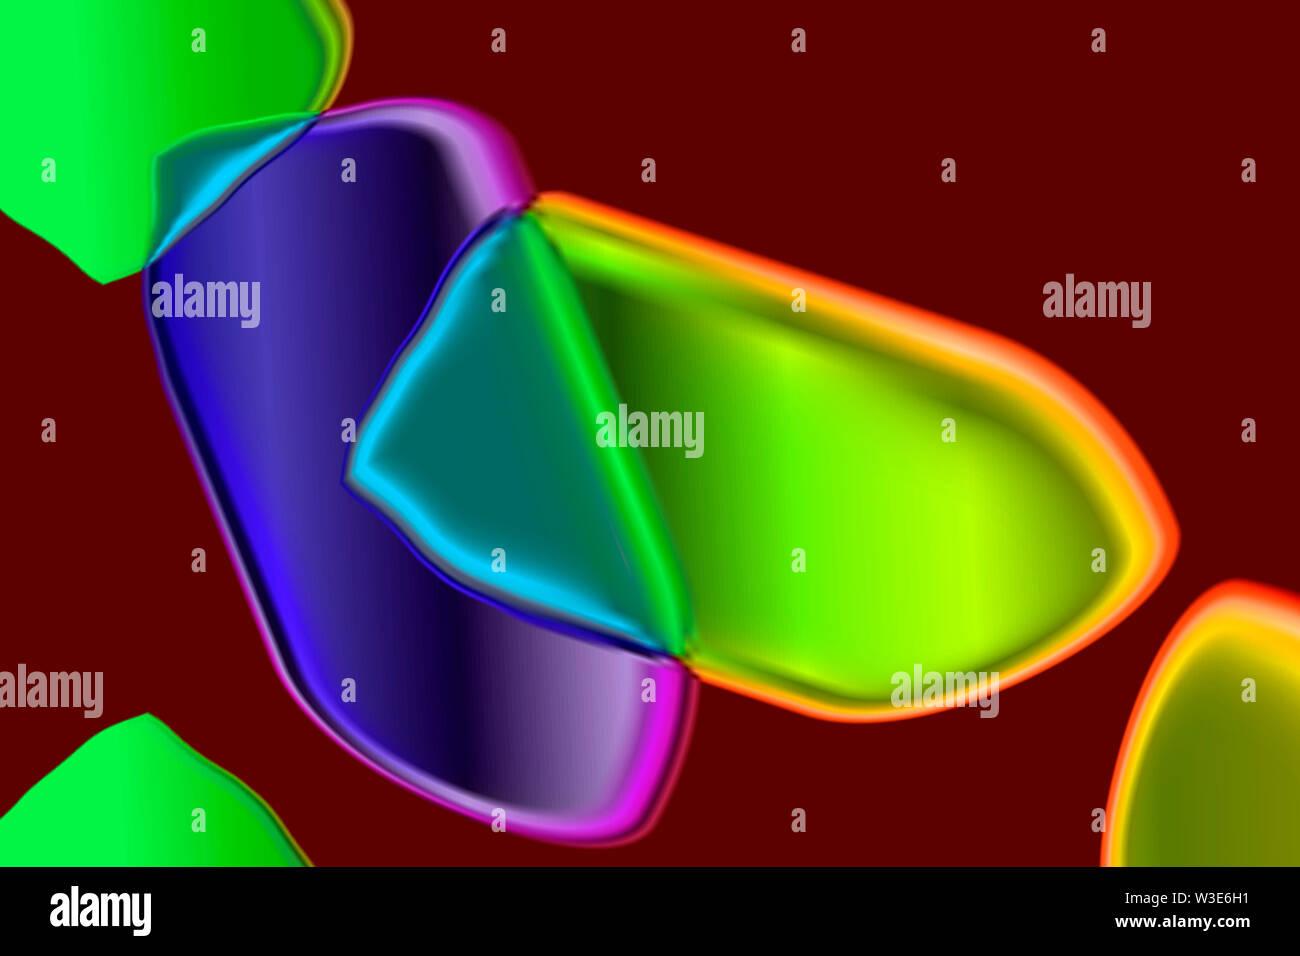 Une illustration de l'interaction des cellules montrant comment l'un affecte l'autre Photo Stock